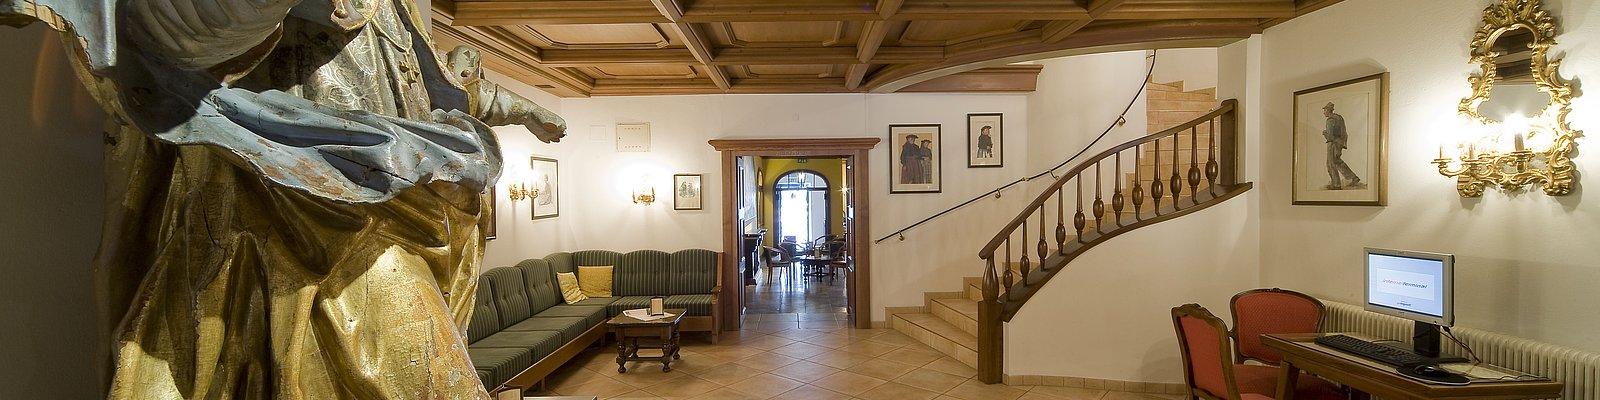 Traditionshaus in Lienz ©Vergeiner's Hotel Traube